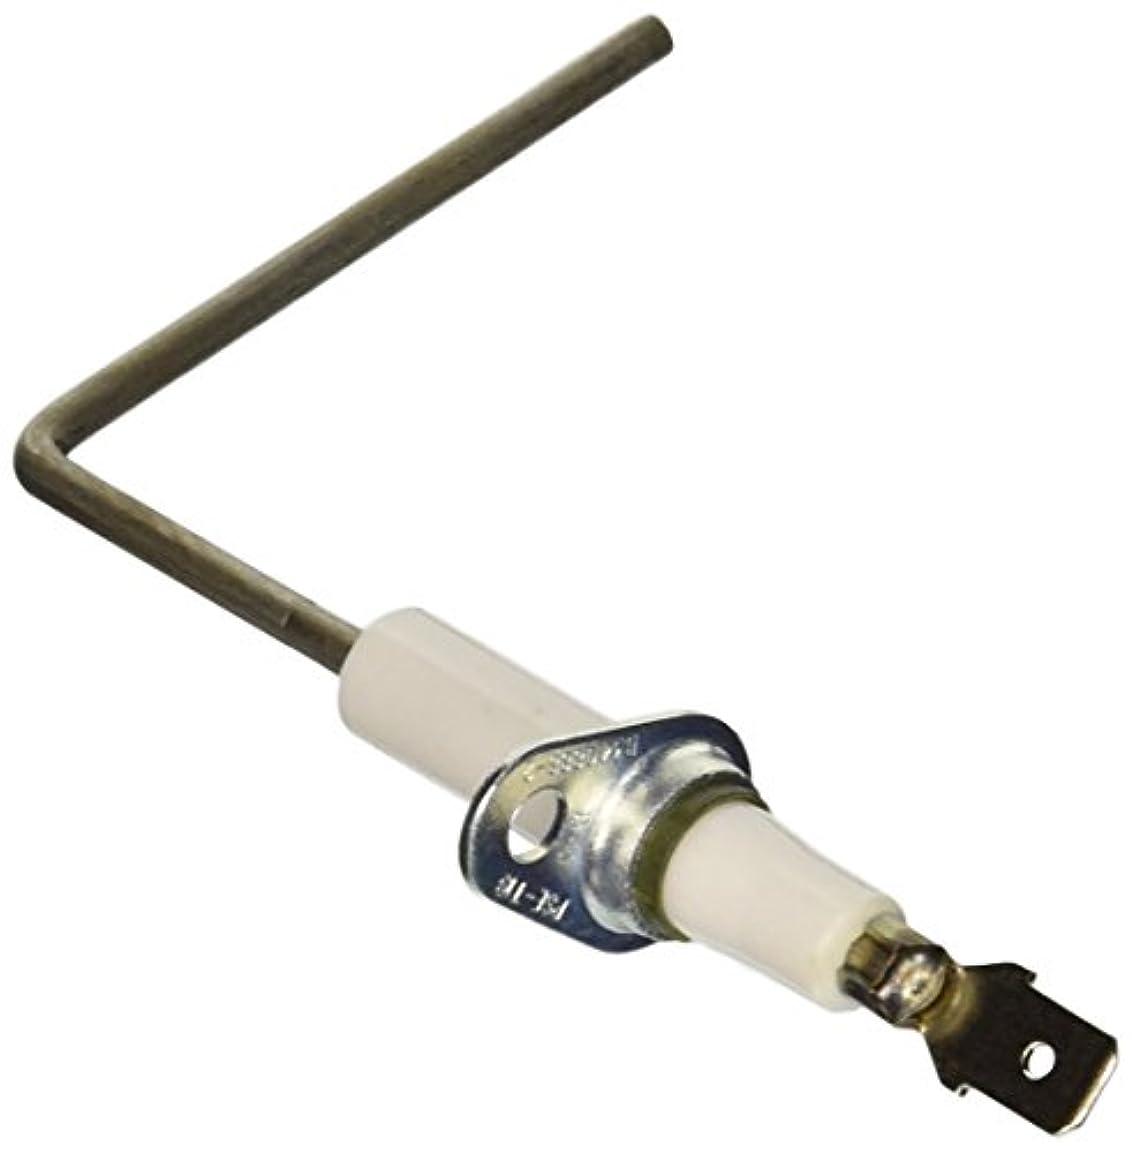 命令複製する余裕があるTrane SEN01114 Flame Sensor by Trane